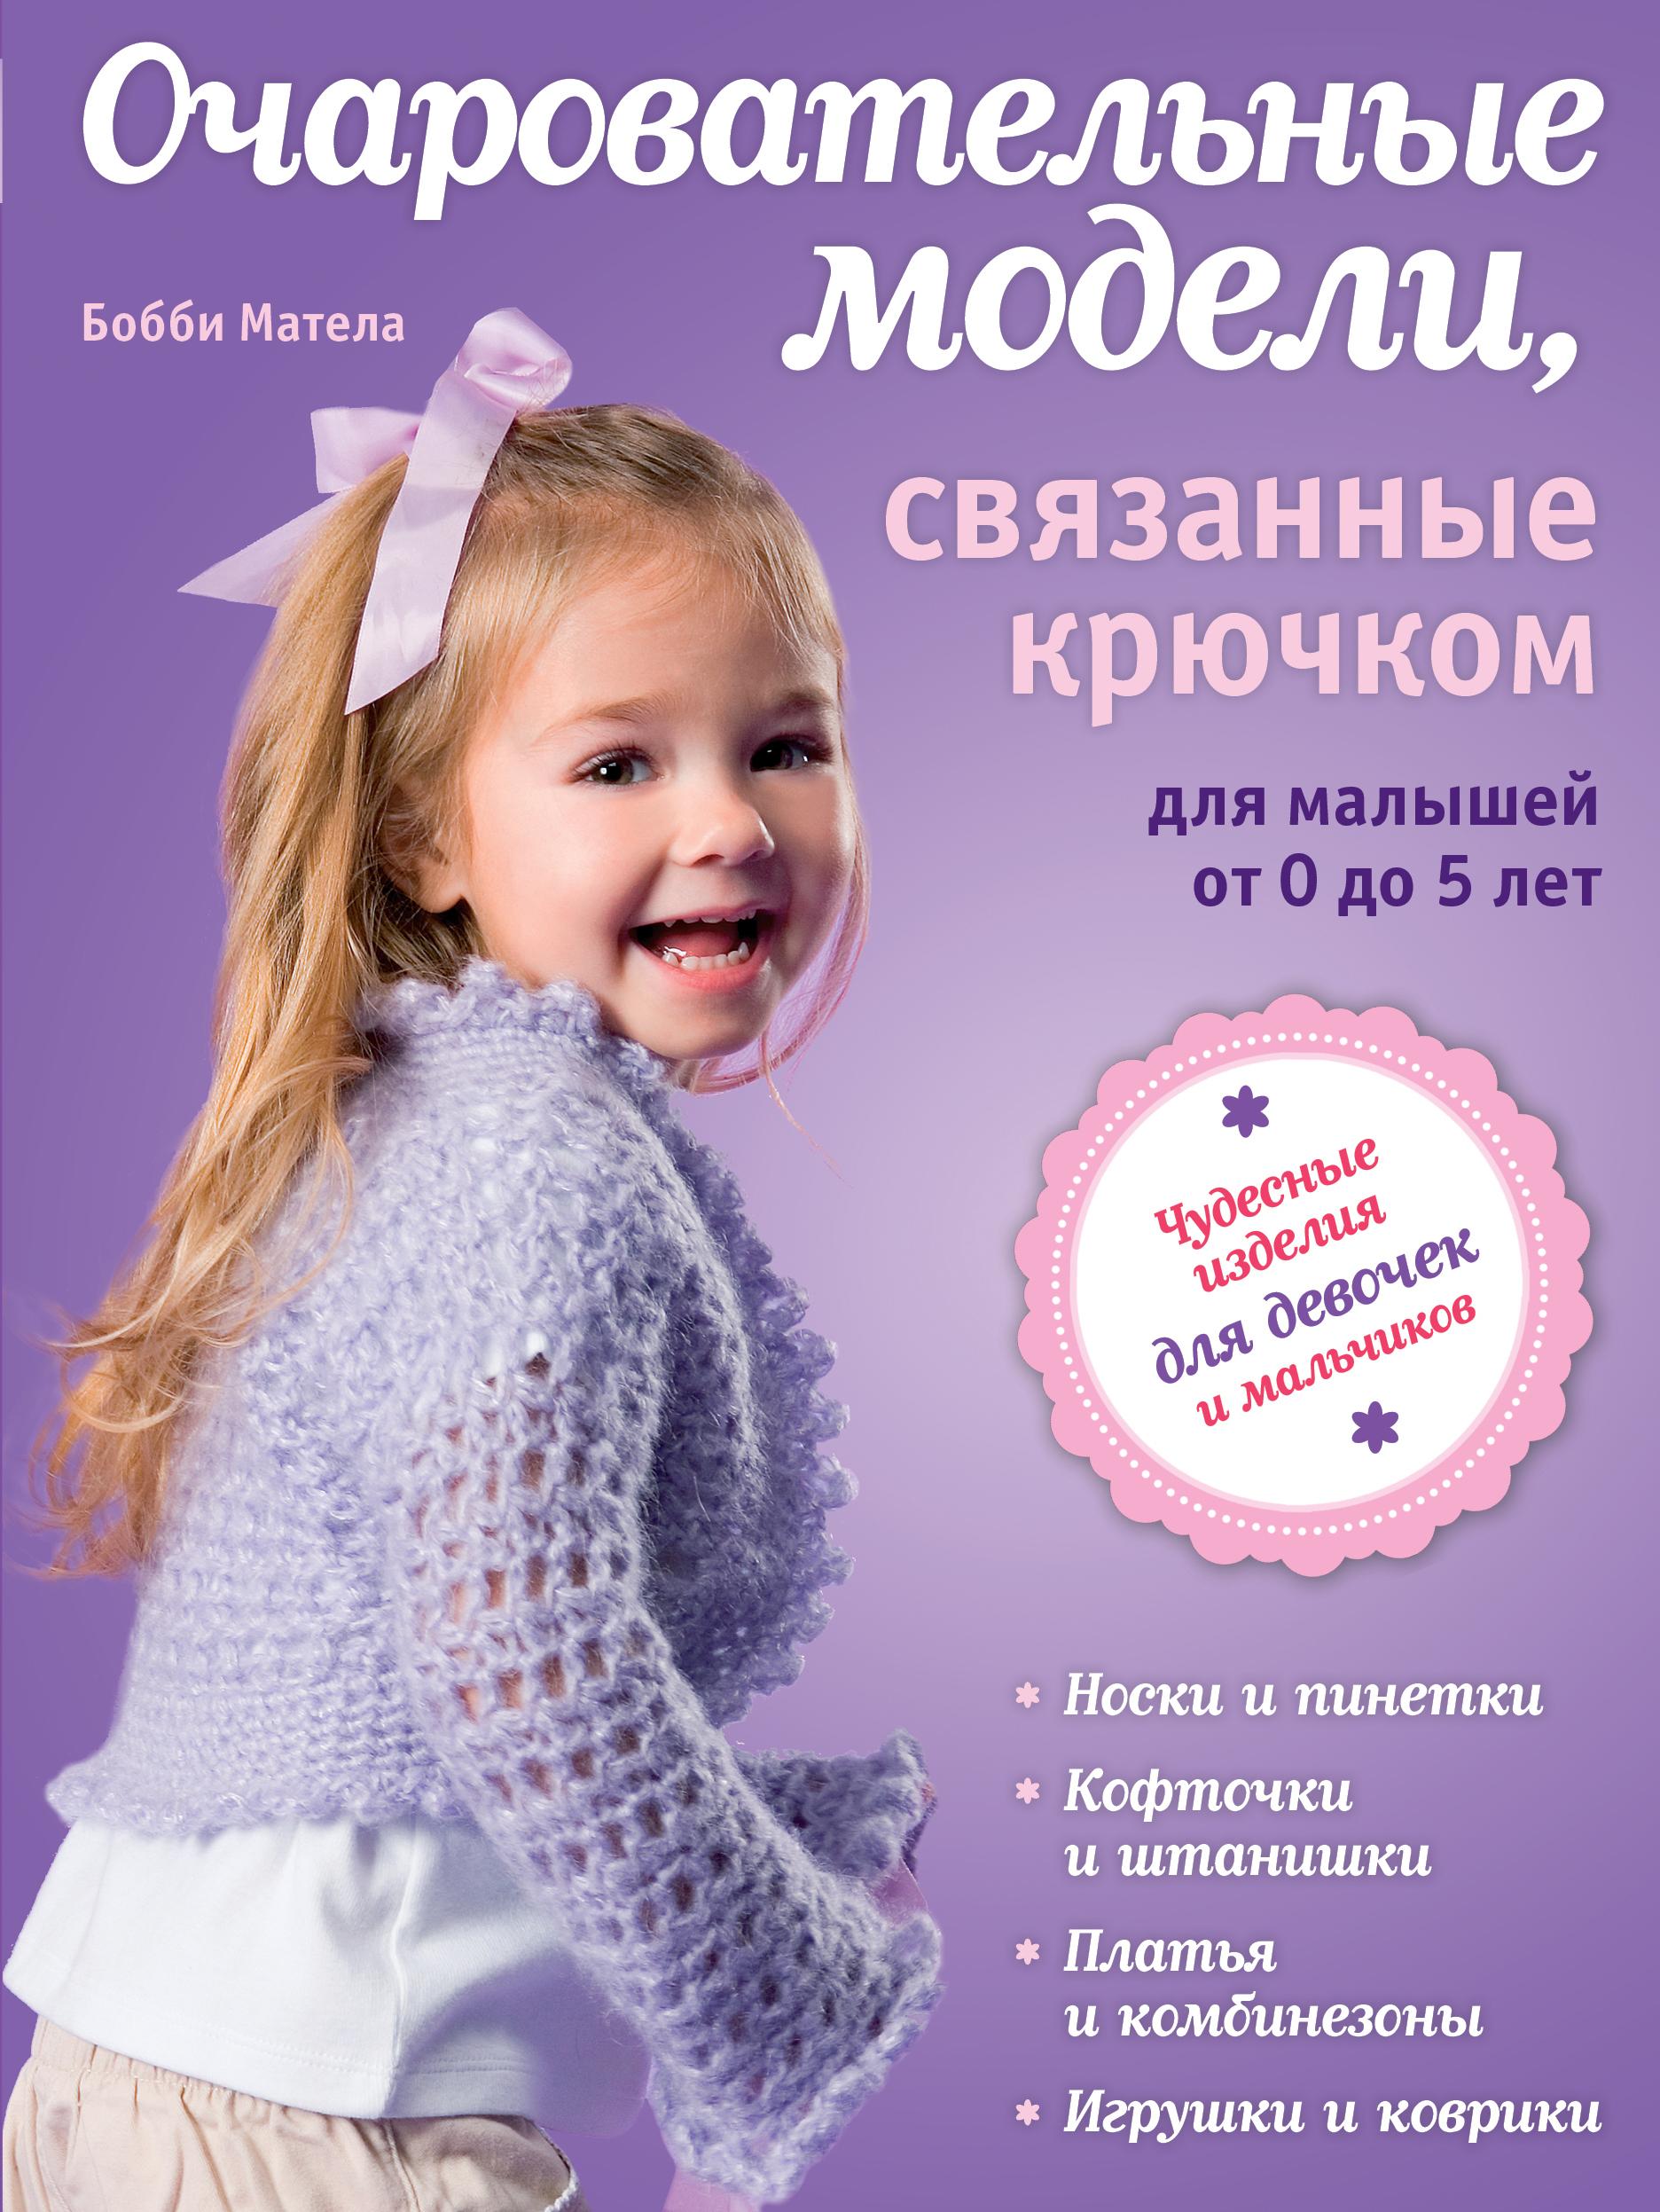 Матела Бобби Очаровательные модели, связанные крючком, для малышей от 0 до 5 лет (книга в суперобложке) эксмо очаровательные модели связанные крючком для малышей от 0 до 5 лет книга в суперобложке